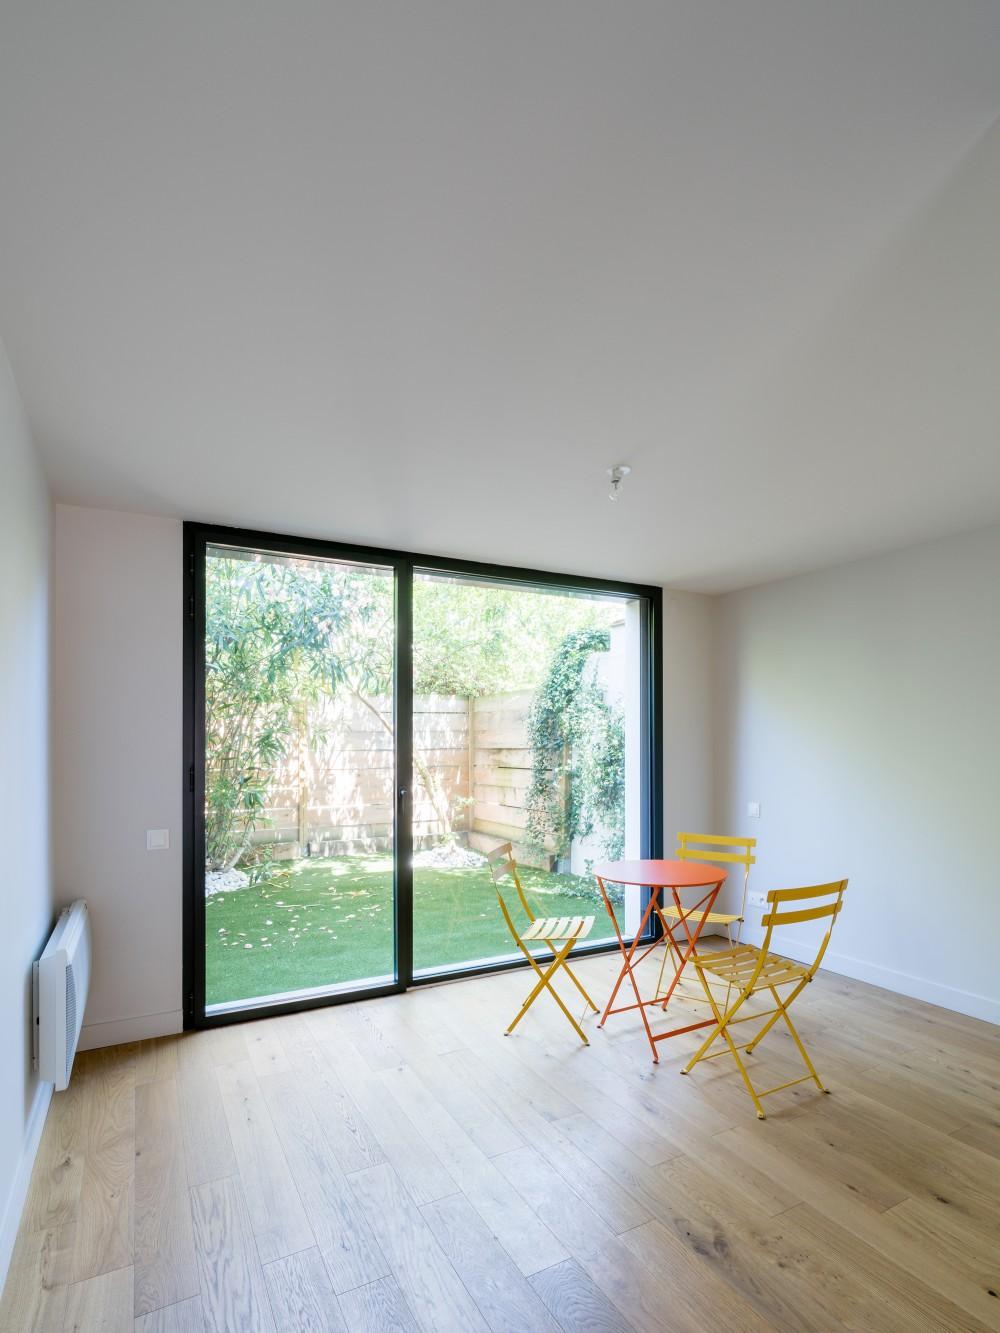 C17005-Fabre deMarien-Rue Poyenne-2